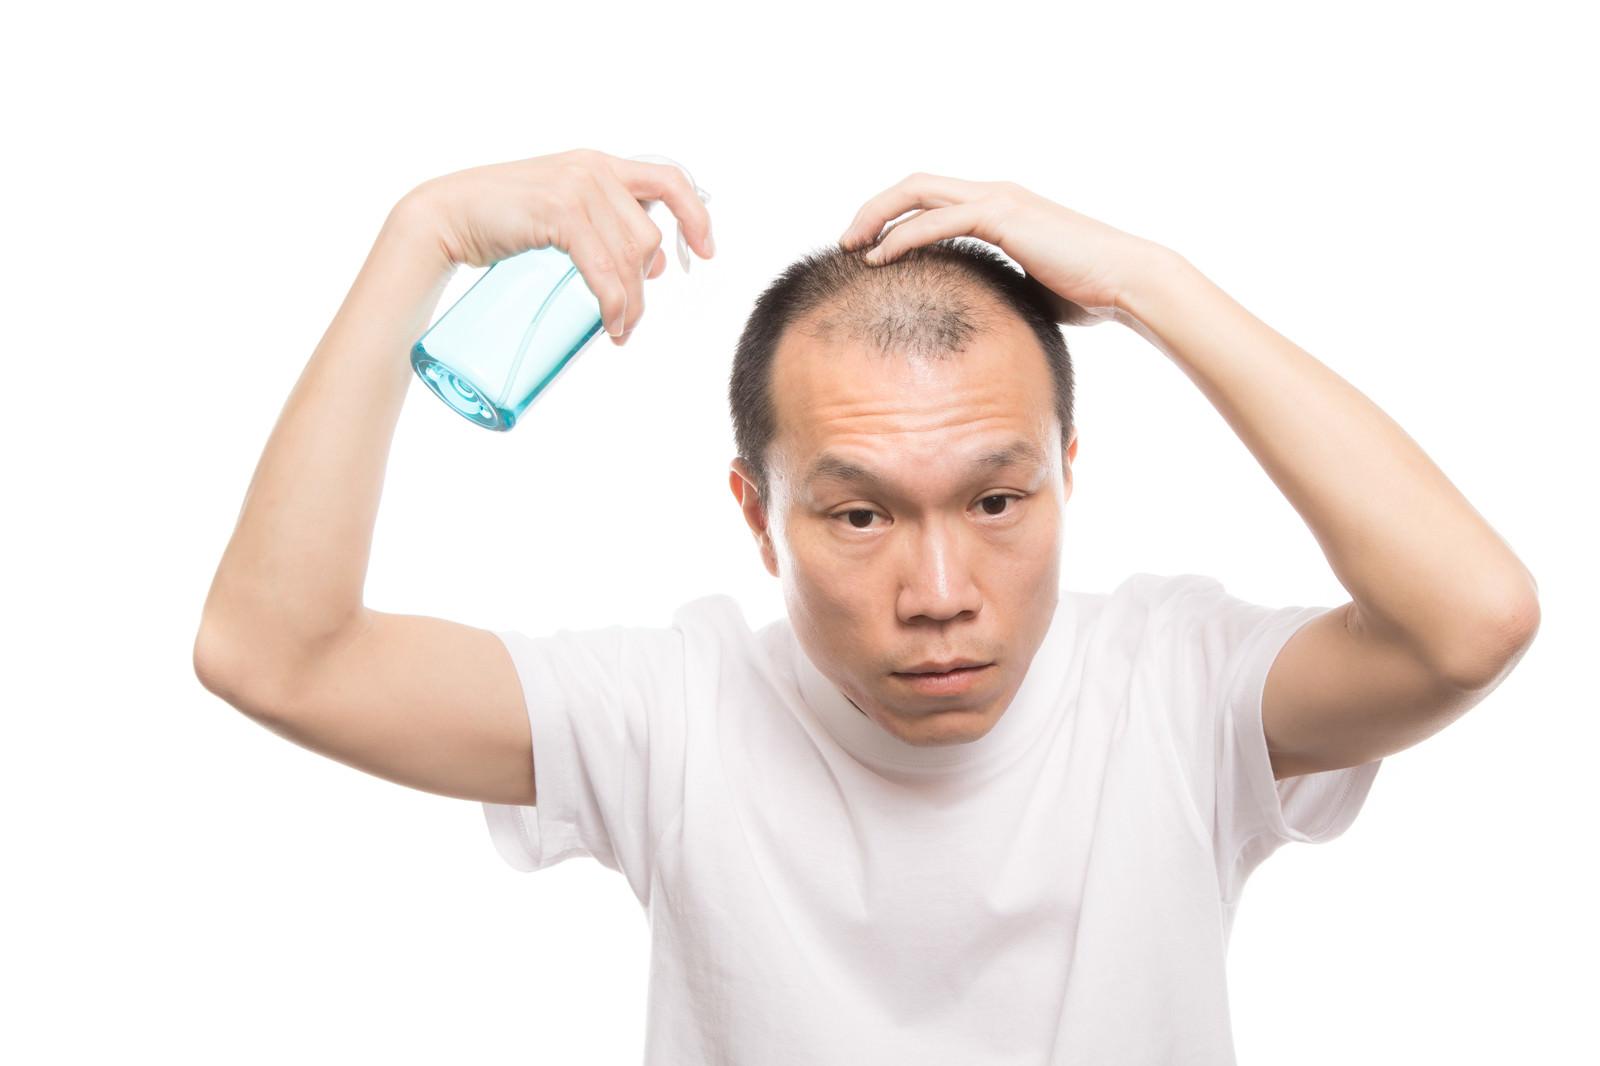 「トニックスプレーを頭皮に噴射する薄毛男性」の写真[モデル:サンライズ鈴木]